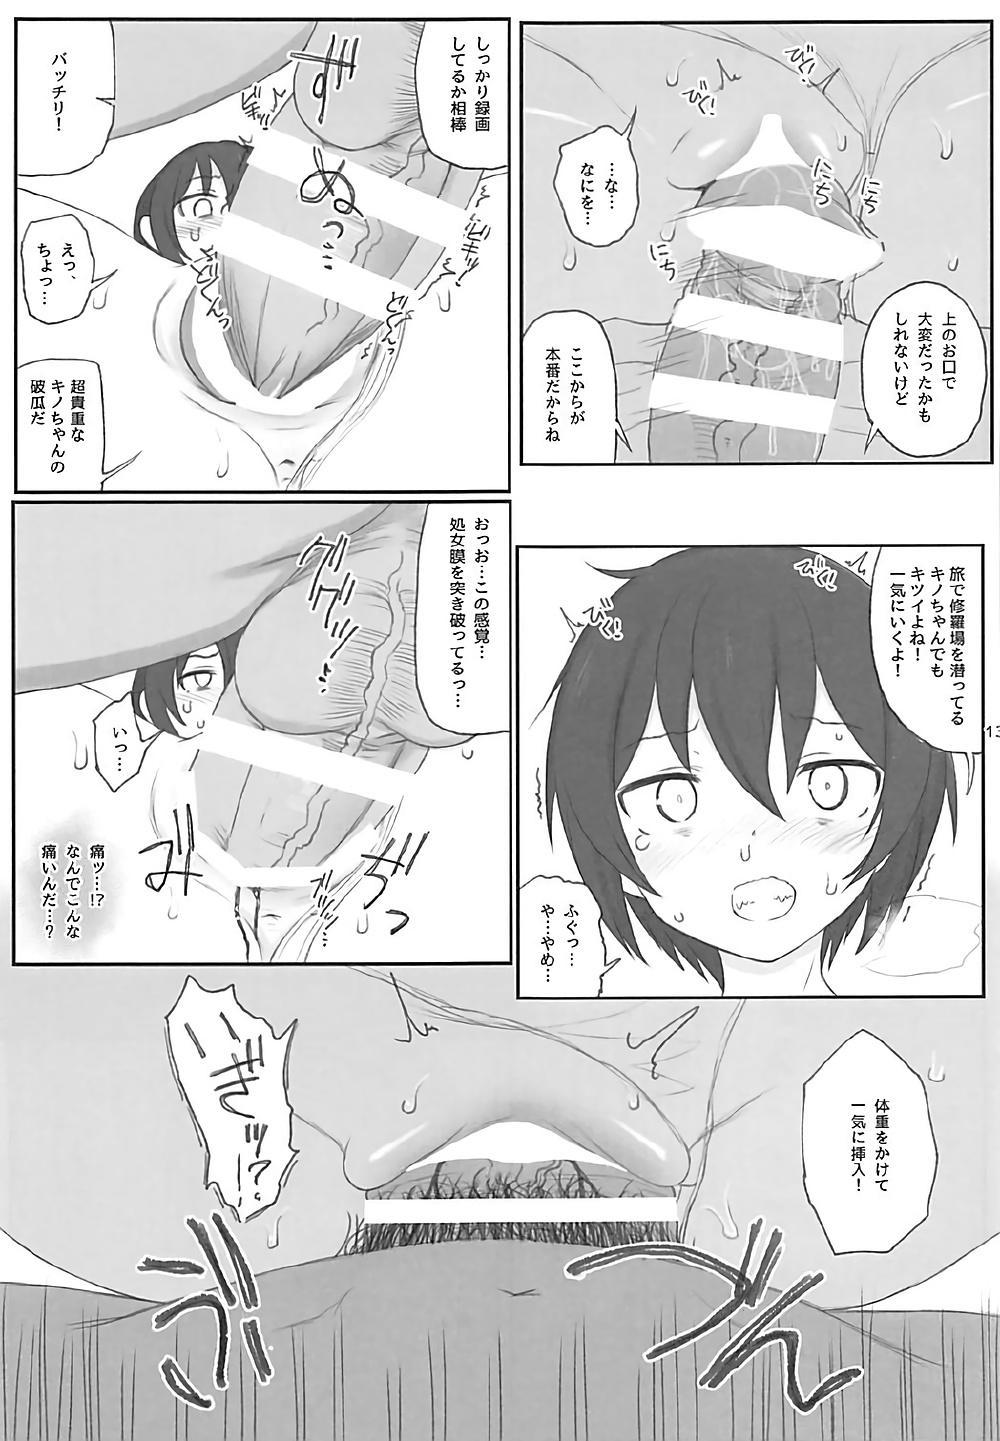 Doujinshi no Kuni 11